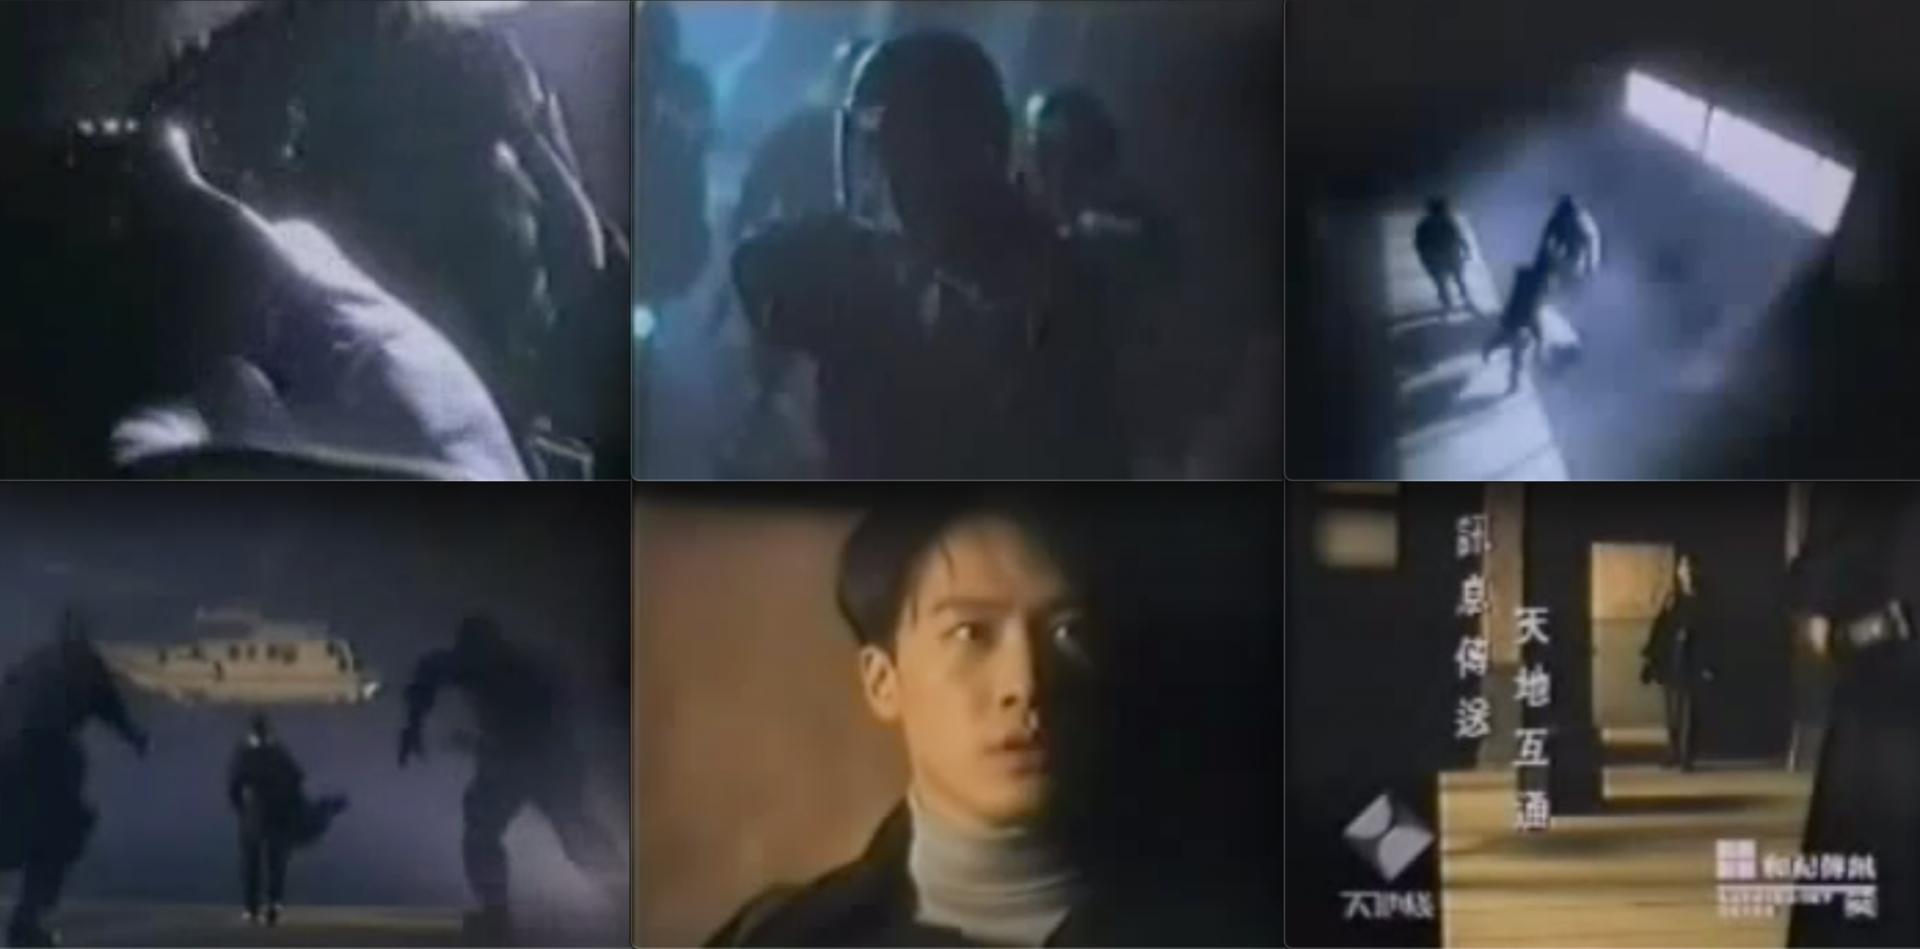 1994年黎明拍的一支廣告《天地情緣》…竟預視了25年後香港社會的現實